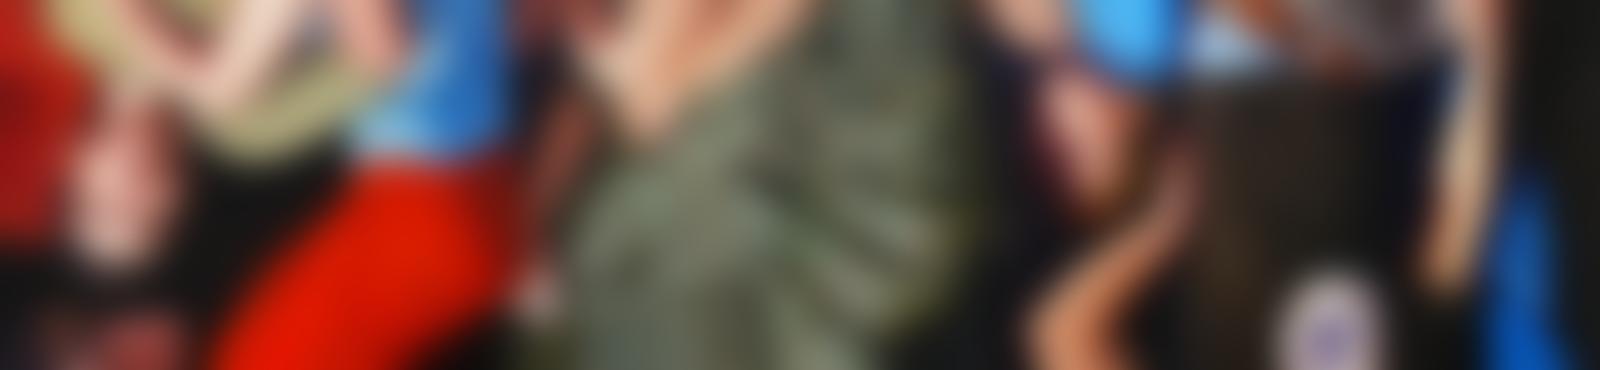 Blurred 0f3b7fd7 fdee 48b7 bdc6 962d0383b1e1